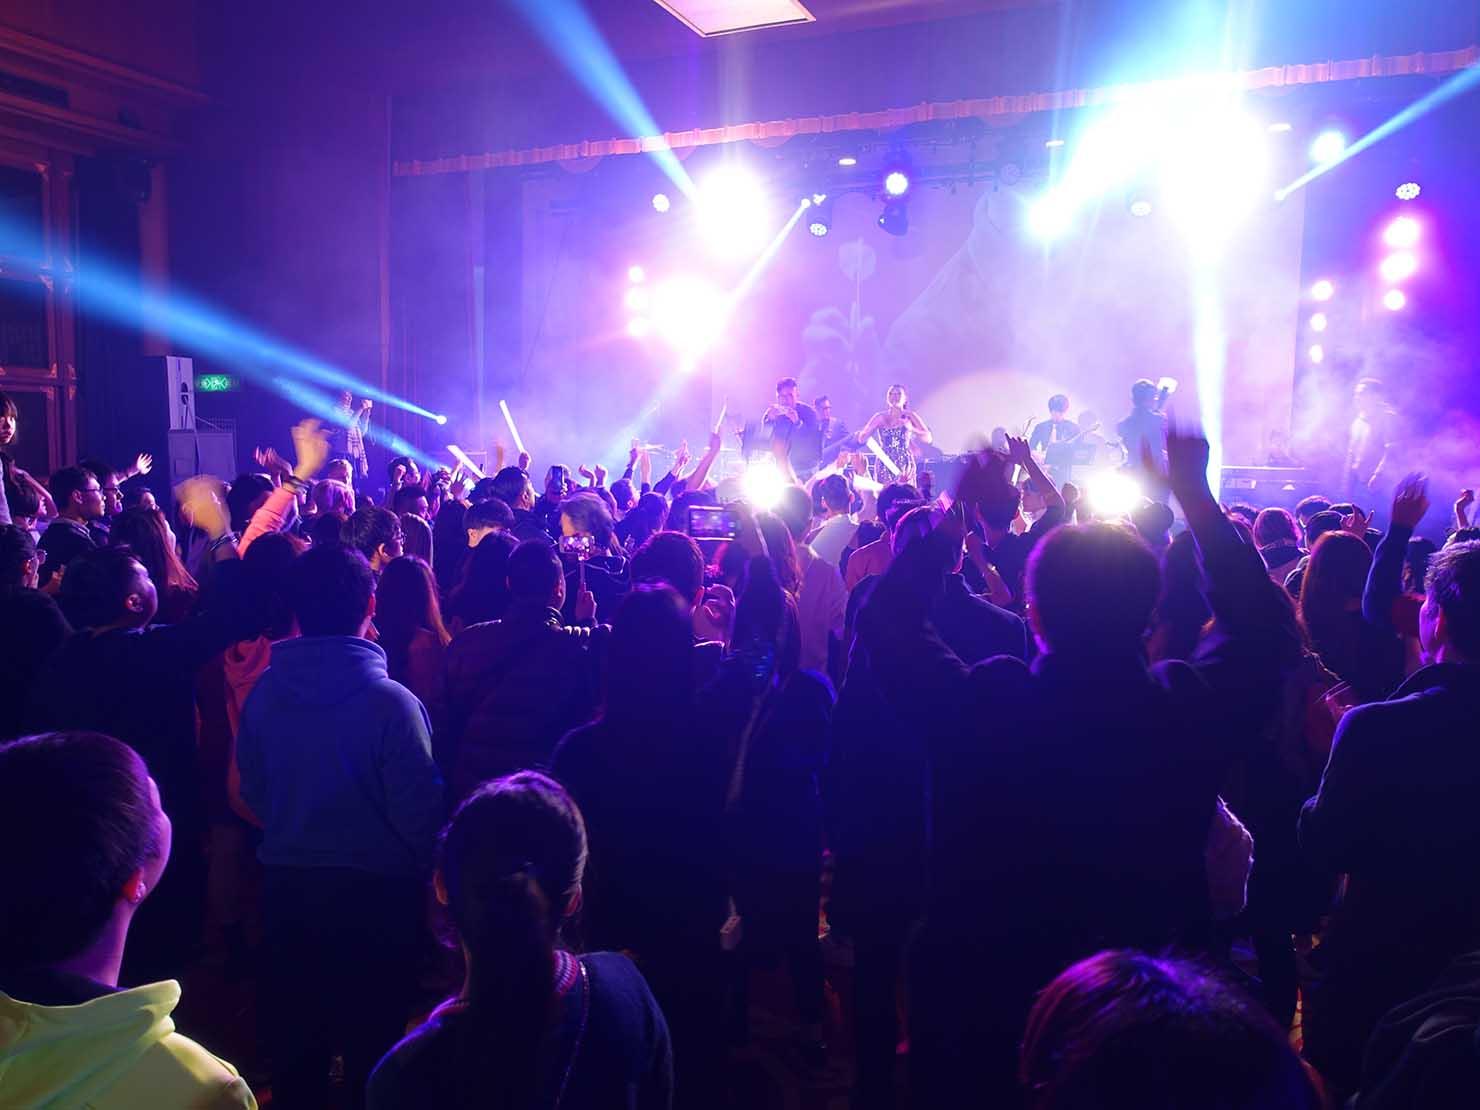 台北・圓山大飯店のカウントダウンパーティー「Bling Bling跨年派對」ステージに登場するアーティスト・丁詩瑀(BIRDY)さんのパフォーマンスに盛り上がる人々